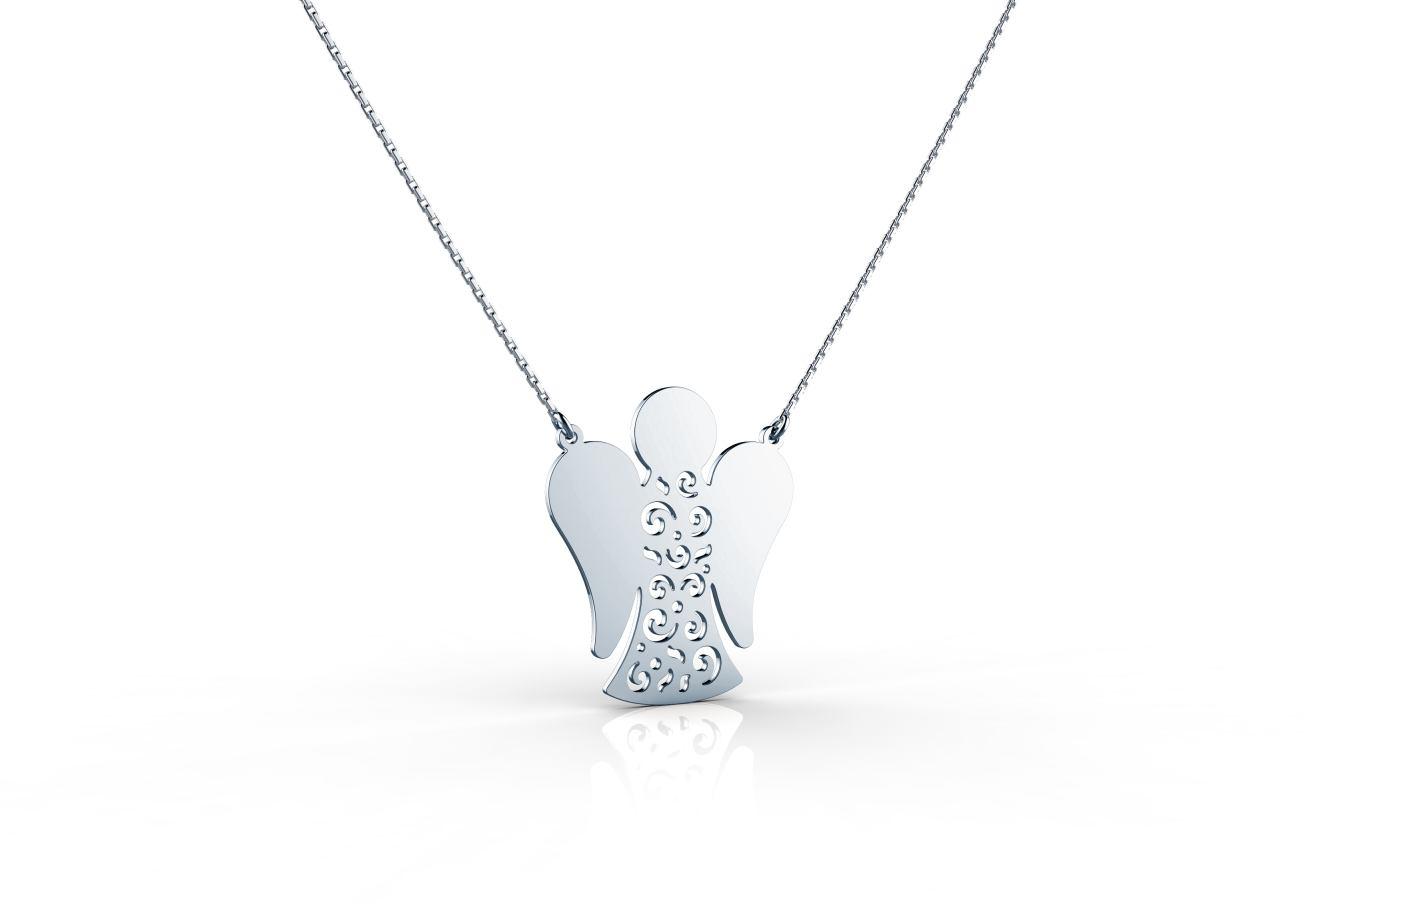 Srebrna ogrlica sa andjelom_ 460kn_ZAKS